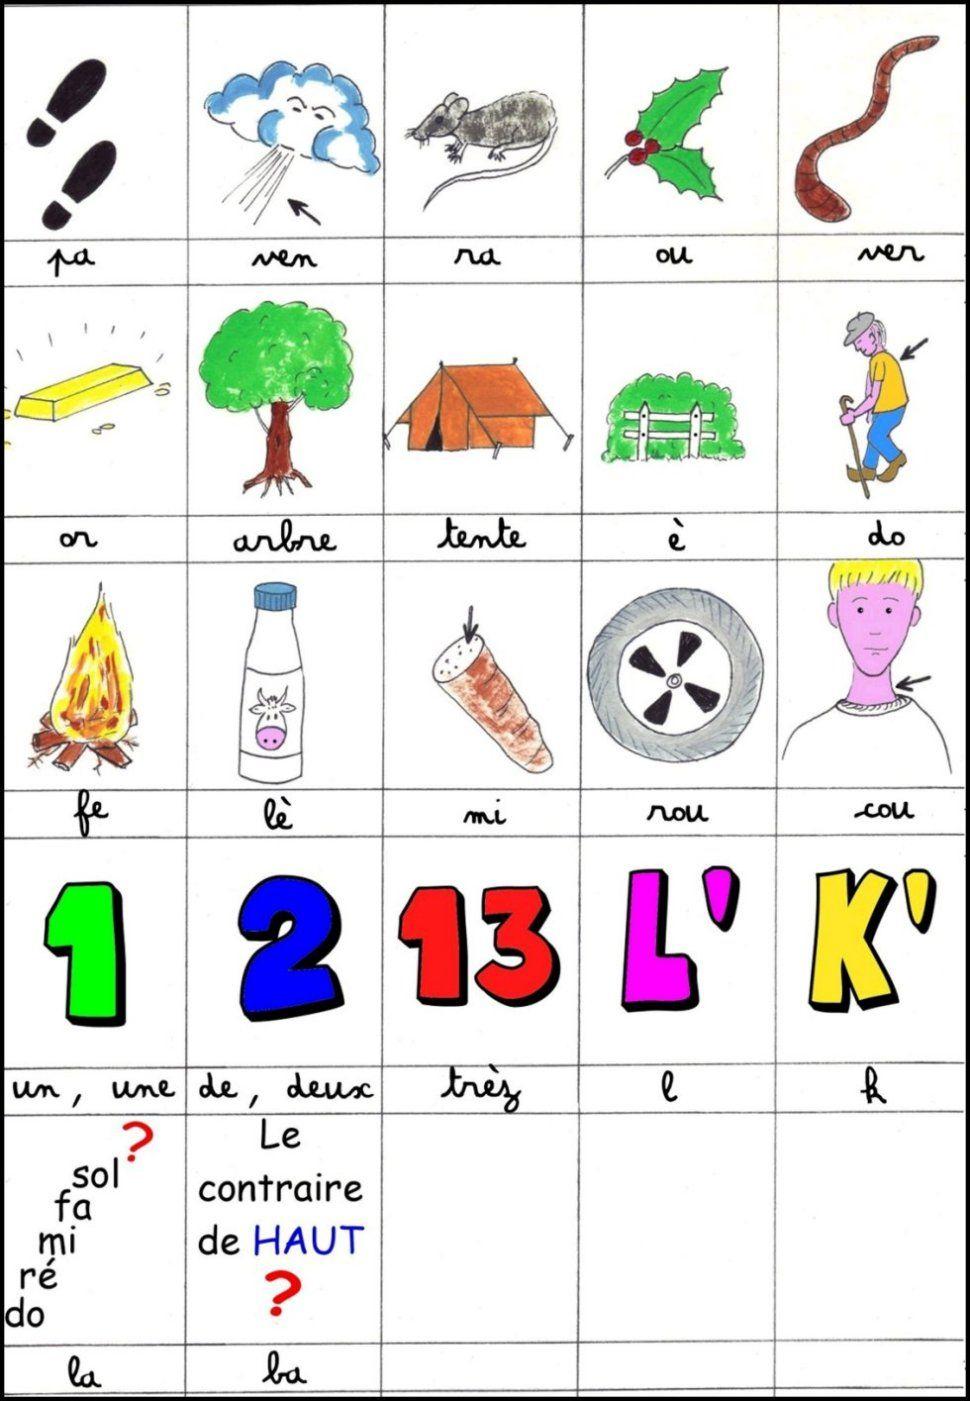 Des Idées D'énigmes Pour Les Enfants | Idées De Fête Pour à Jeux De Rebus